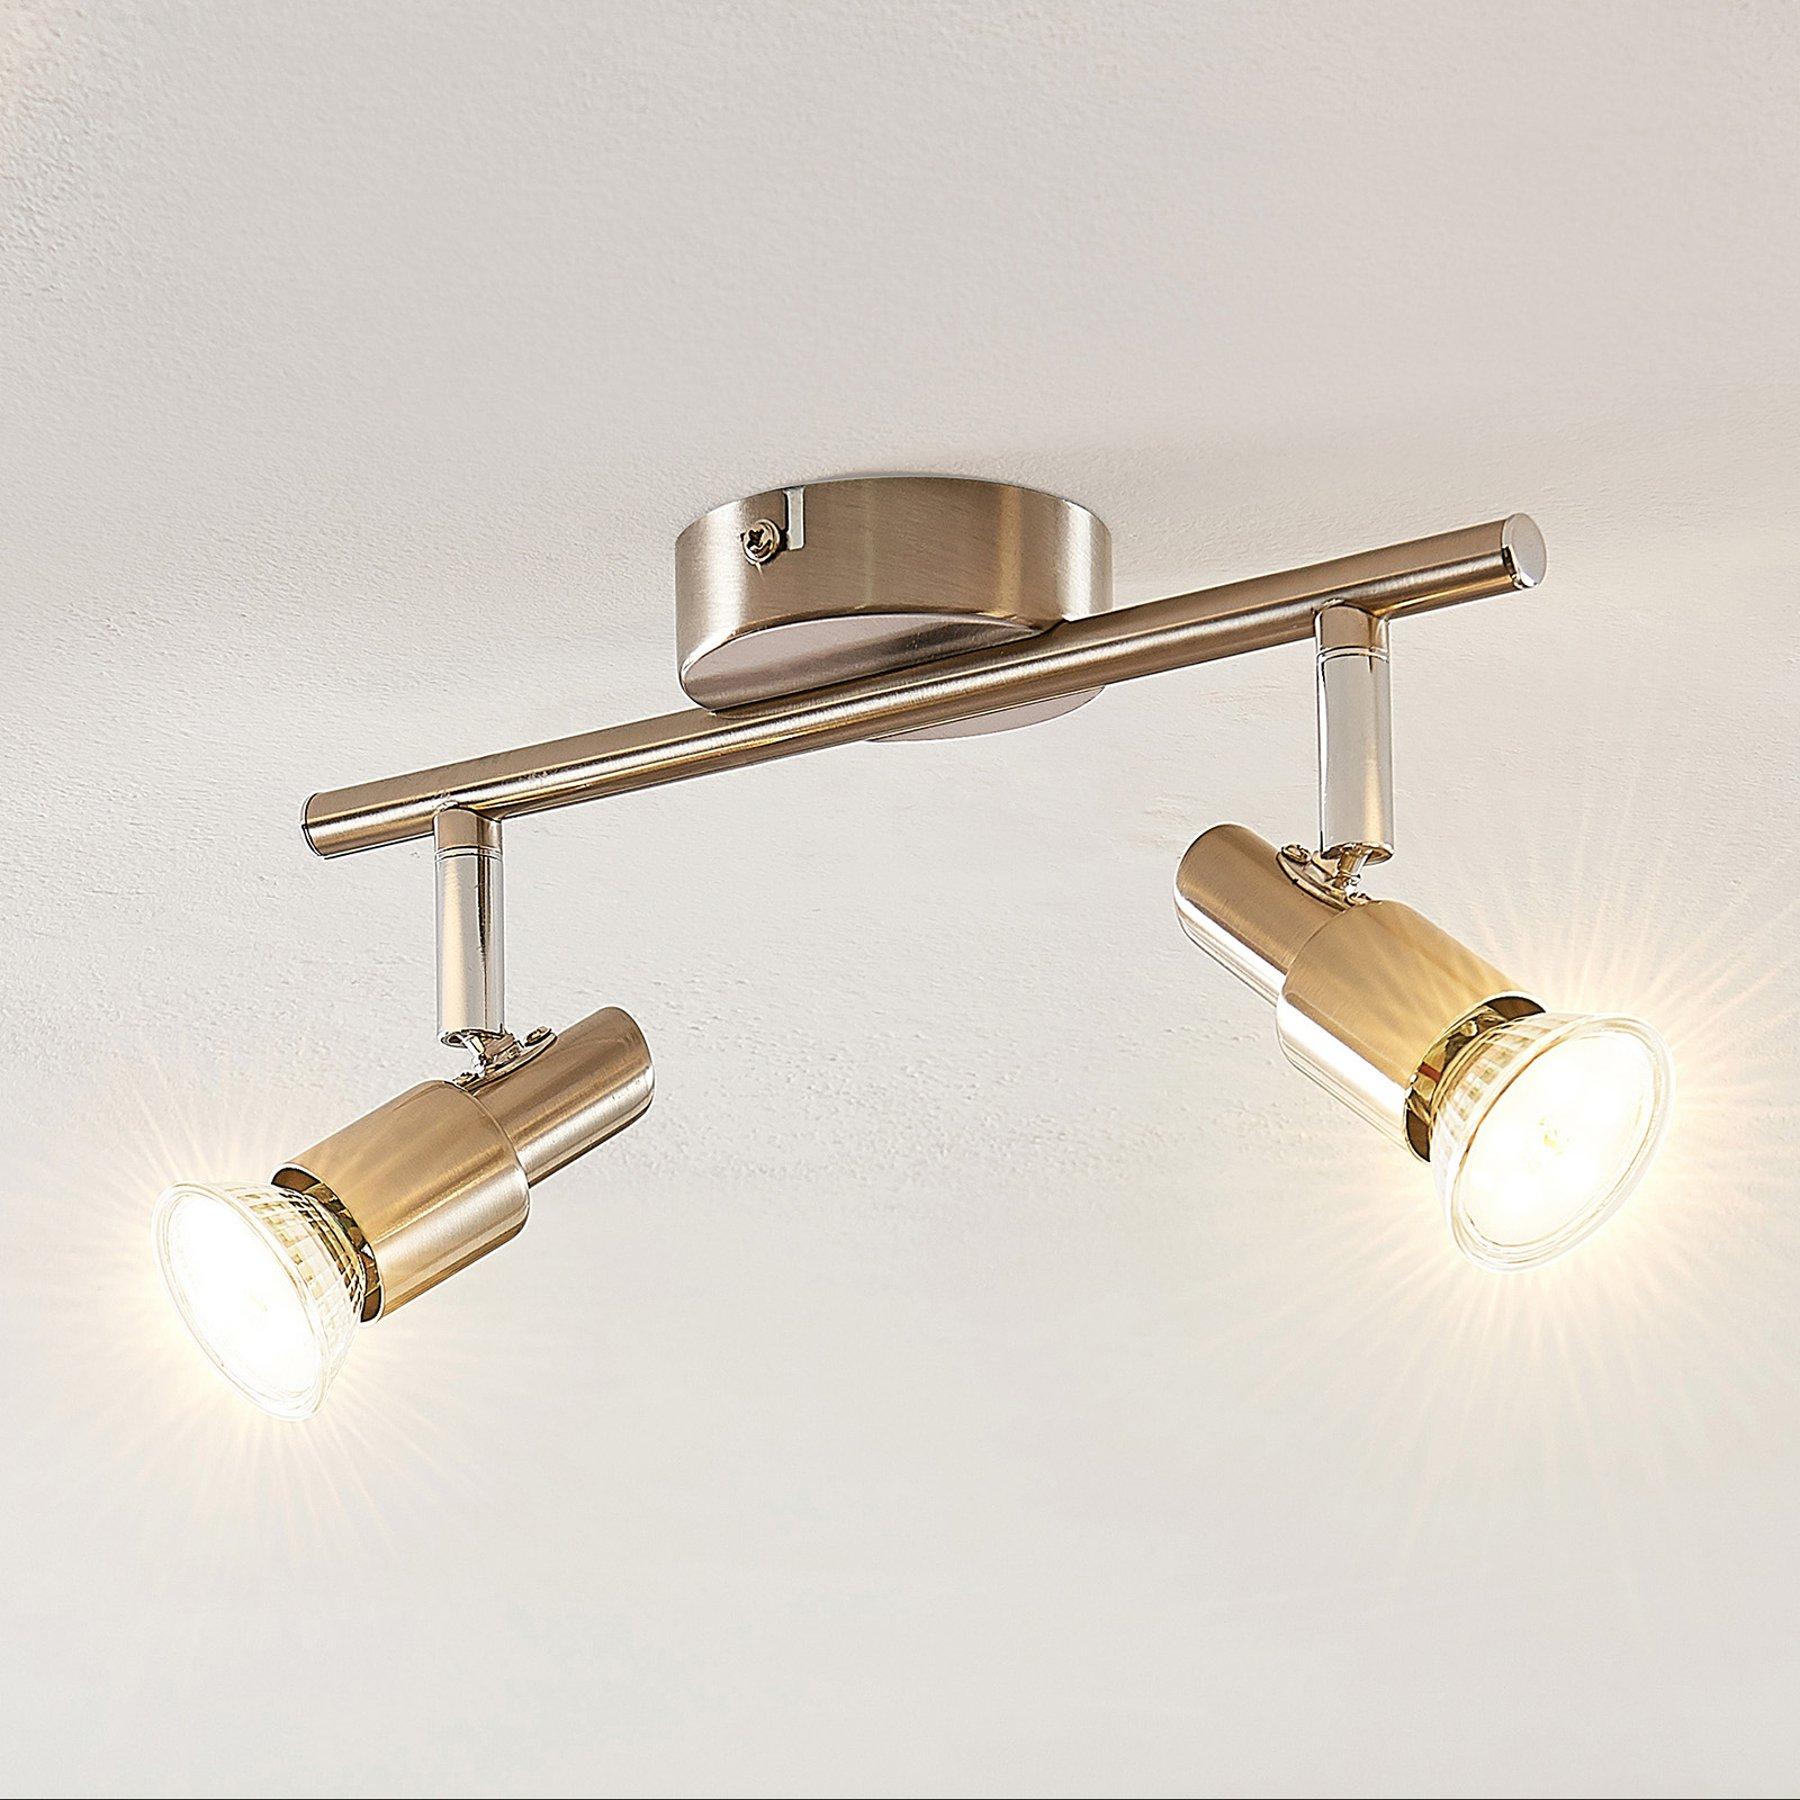 ELC Farida LED-taklampe, nikkel, 2 lyskilder